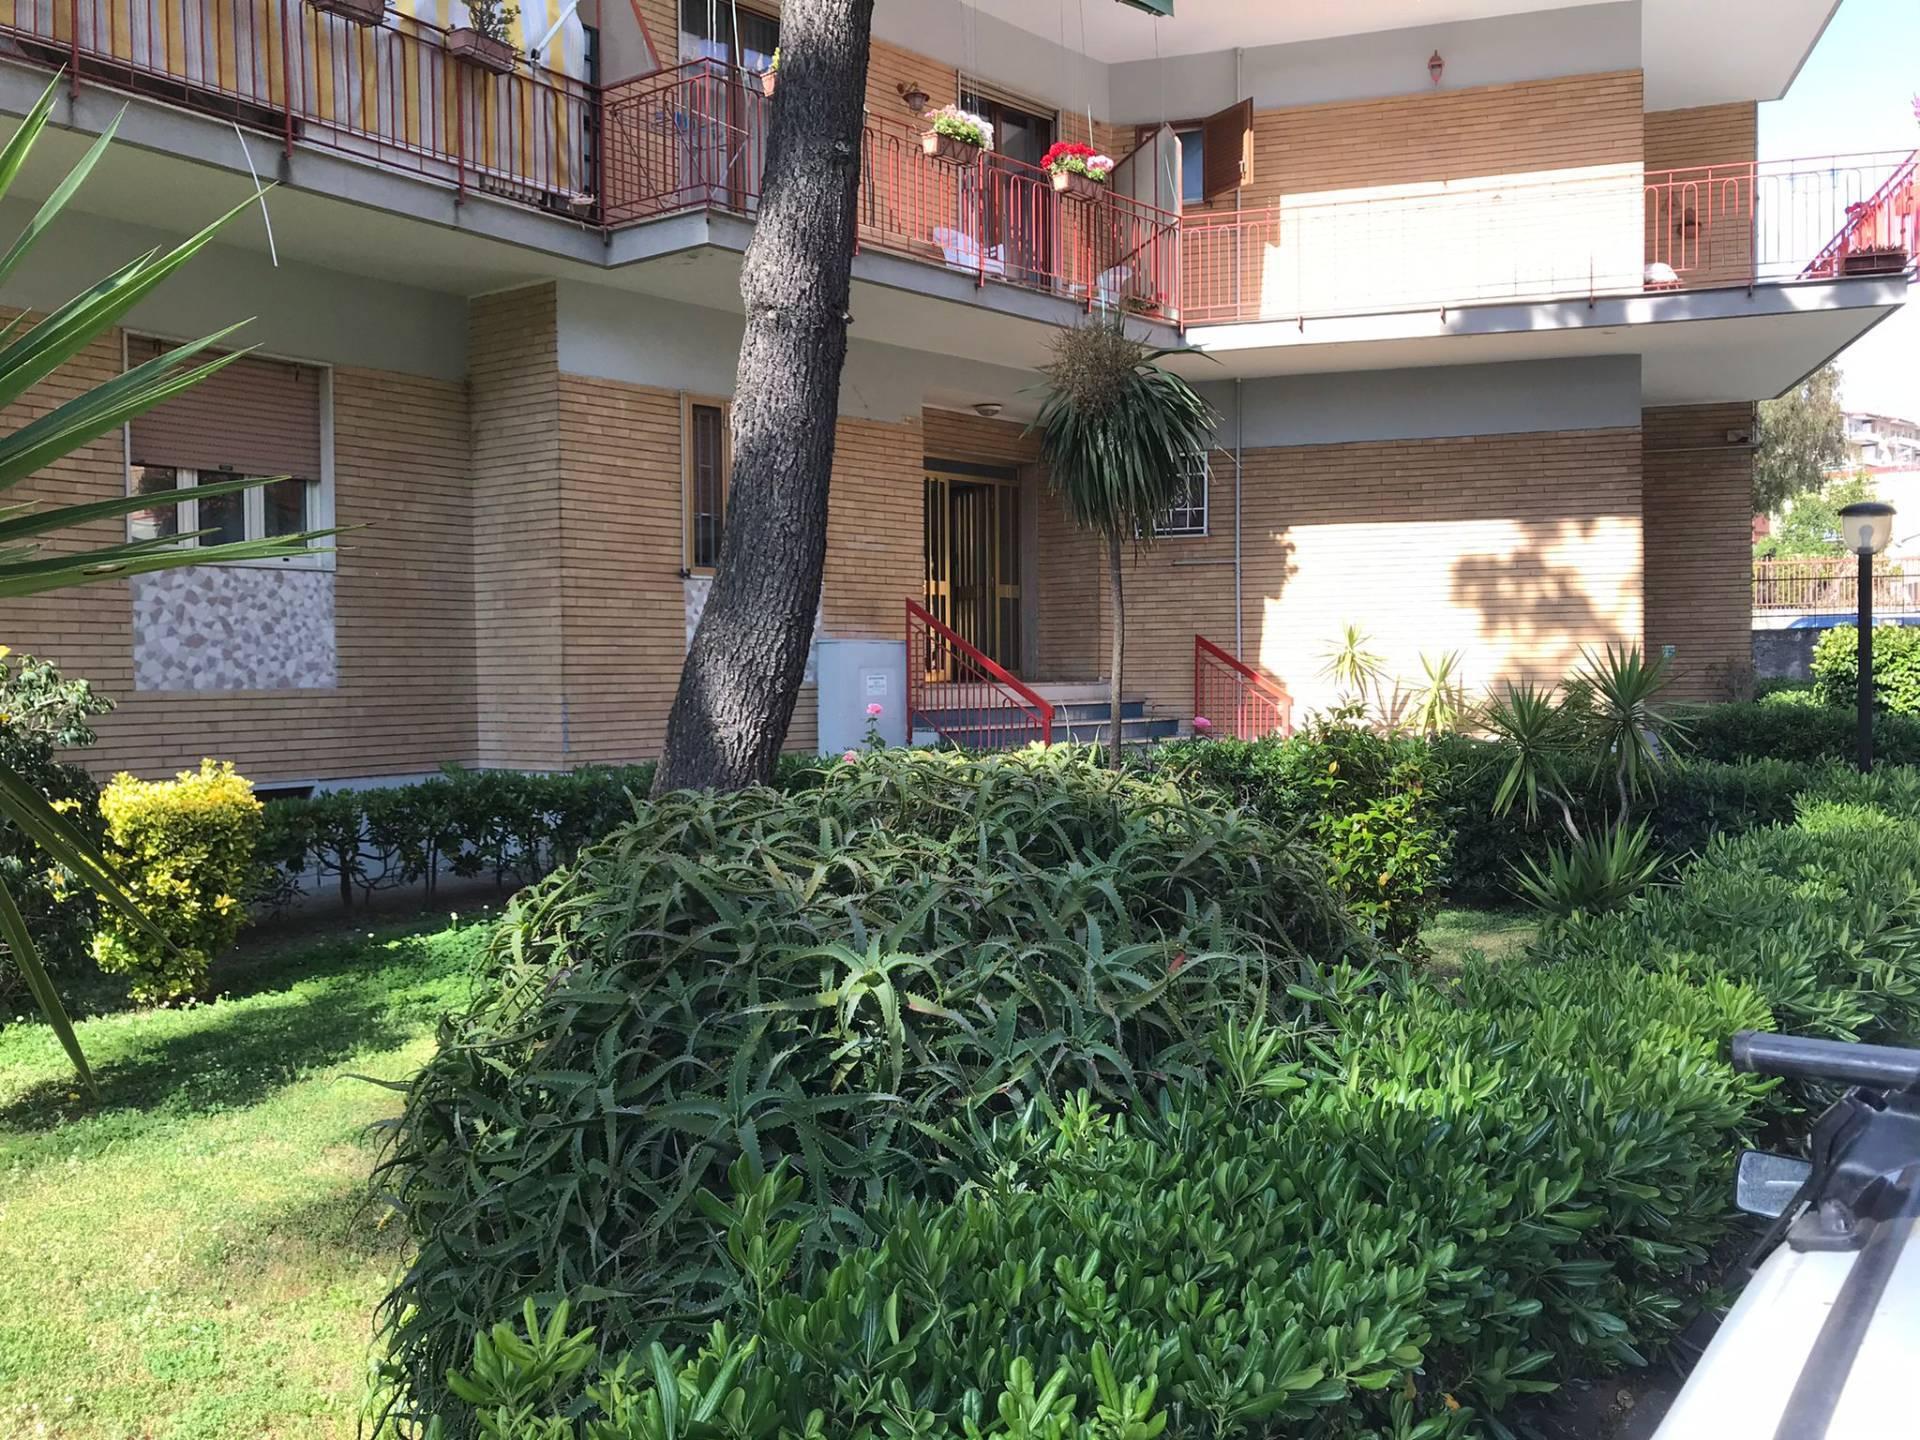 Appartamento in vendita a San Giorgio a Cremano, 4 locali, prezzo € 200.000   CambioCasa.it